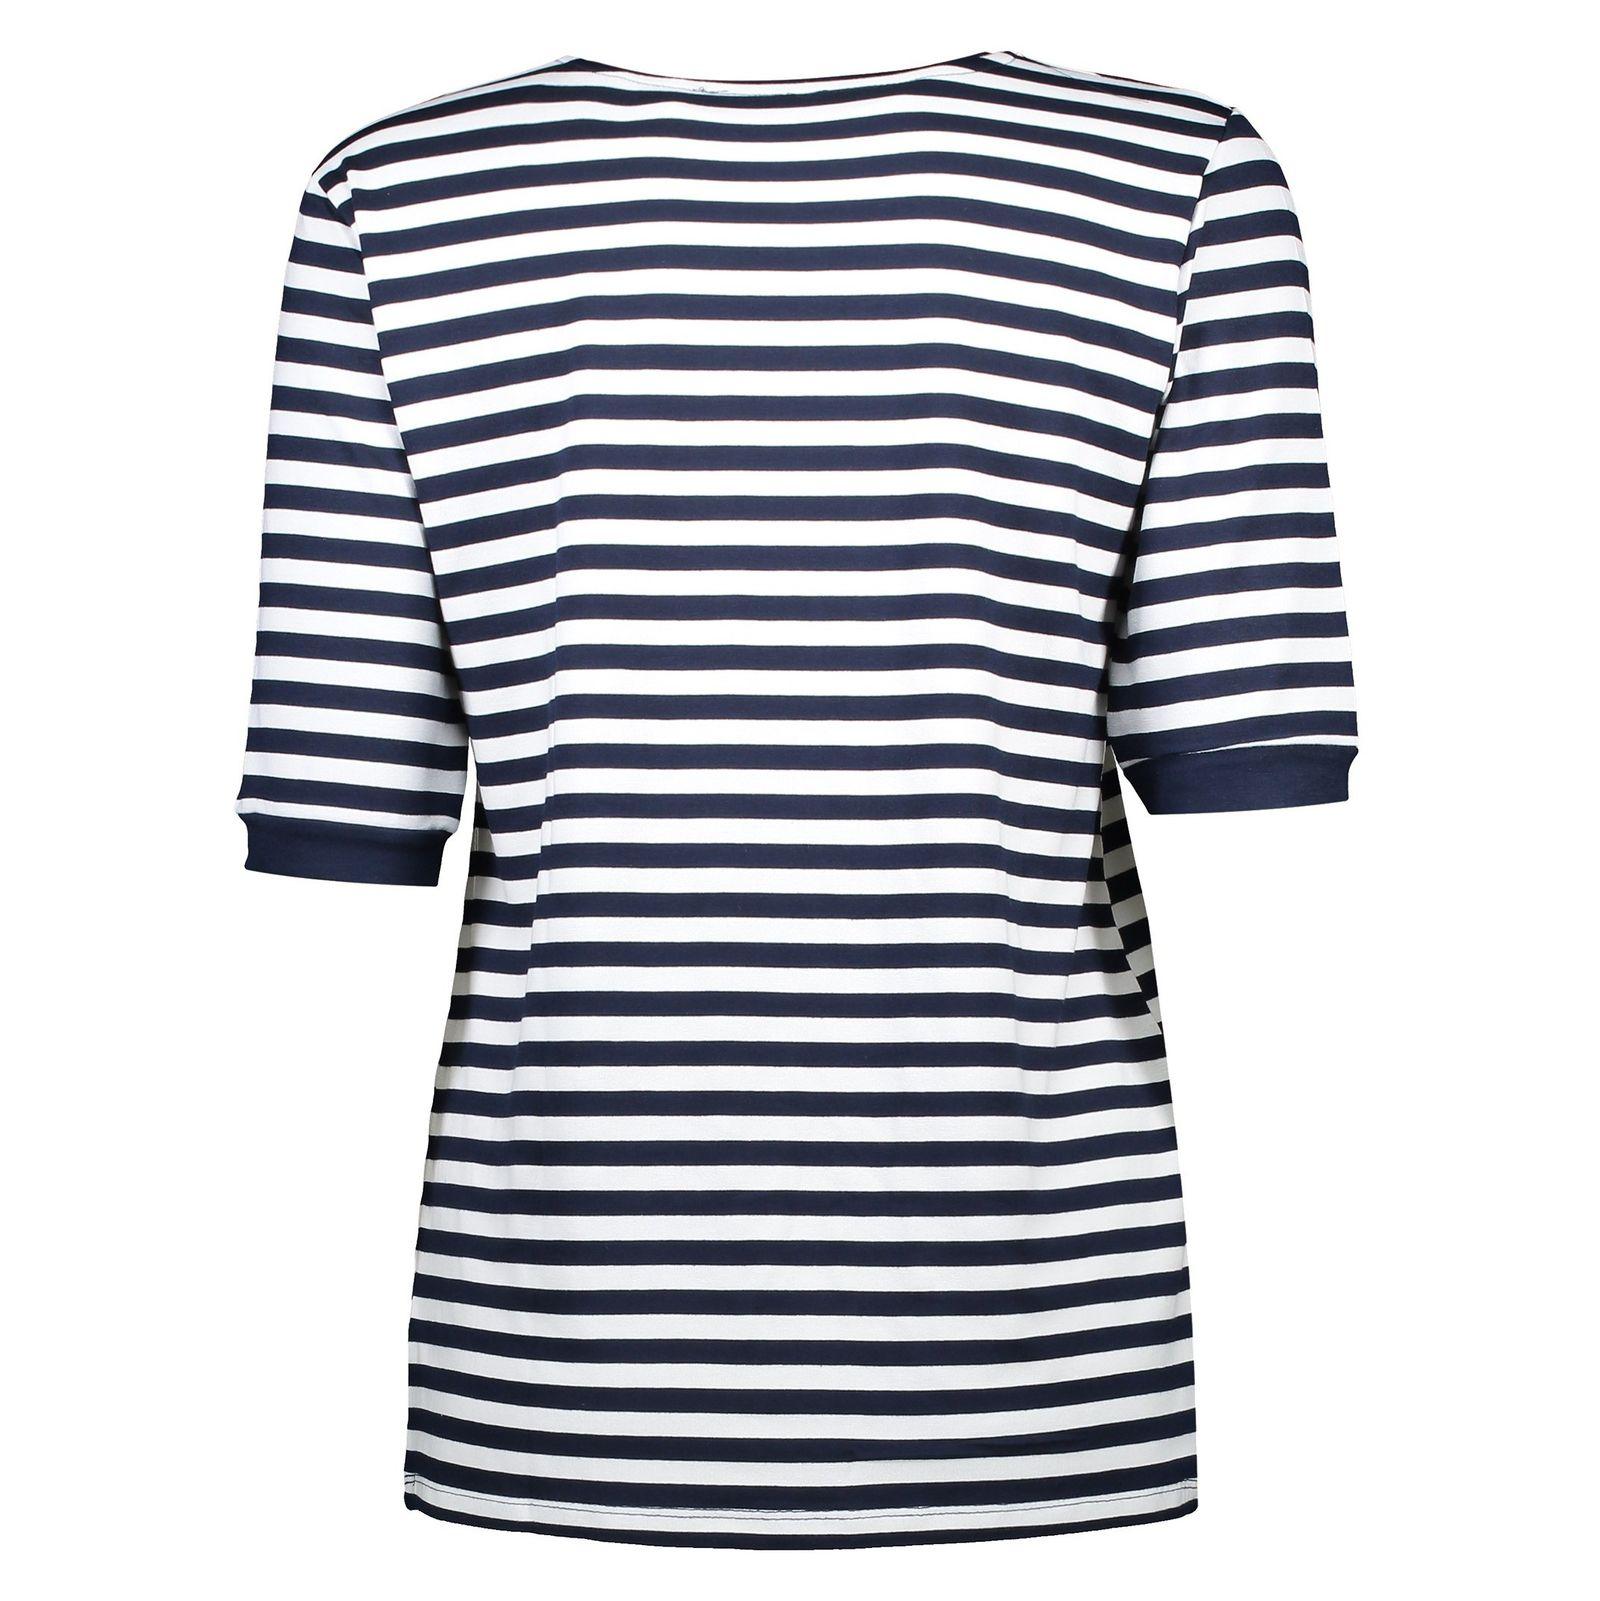 تی شرت ویسکوز یقه گرد زنانه - ال سی وایکیکی - سرمه اي و سفيد - 5